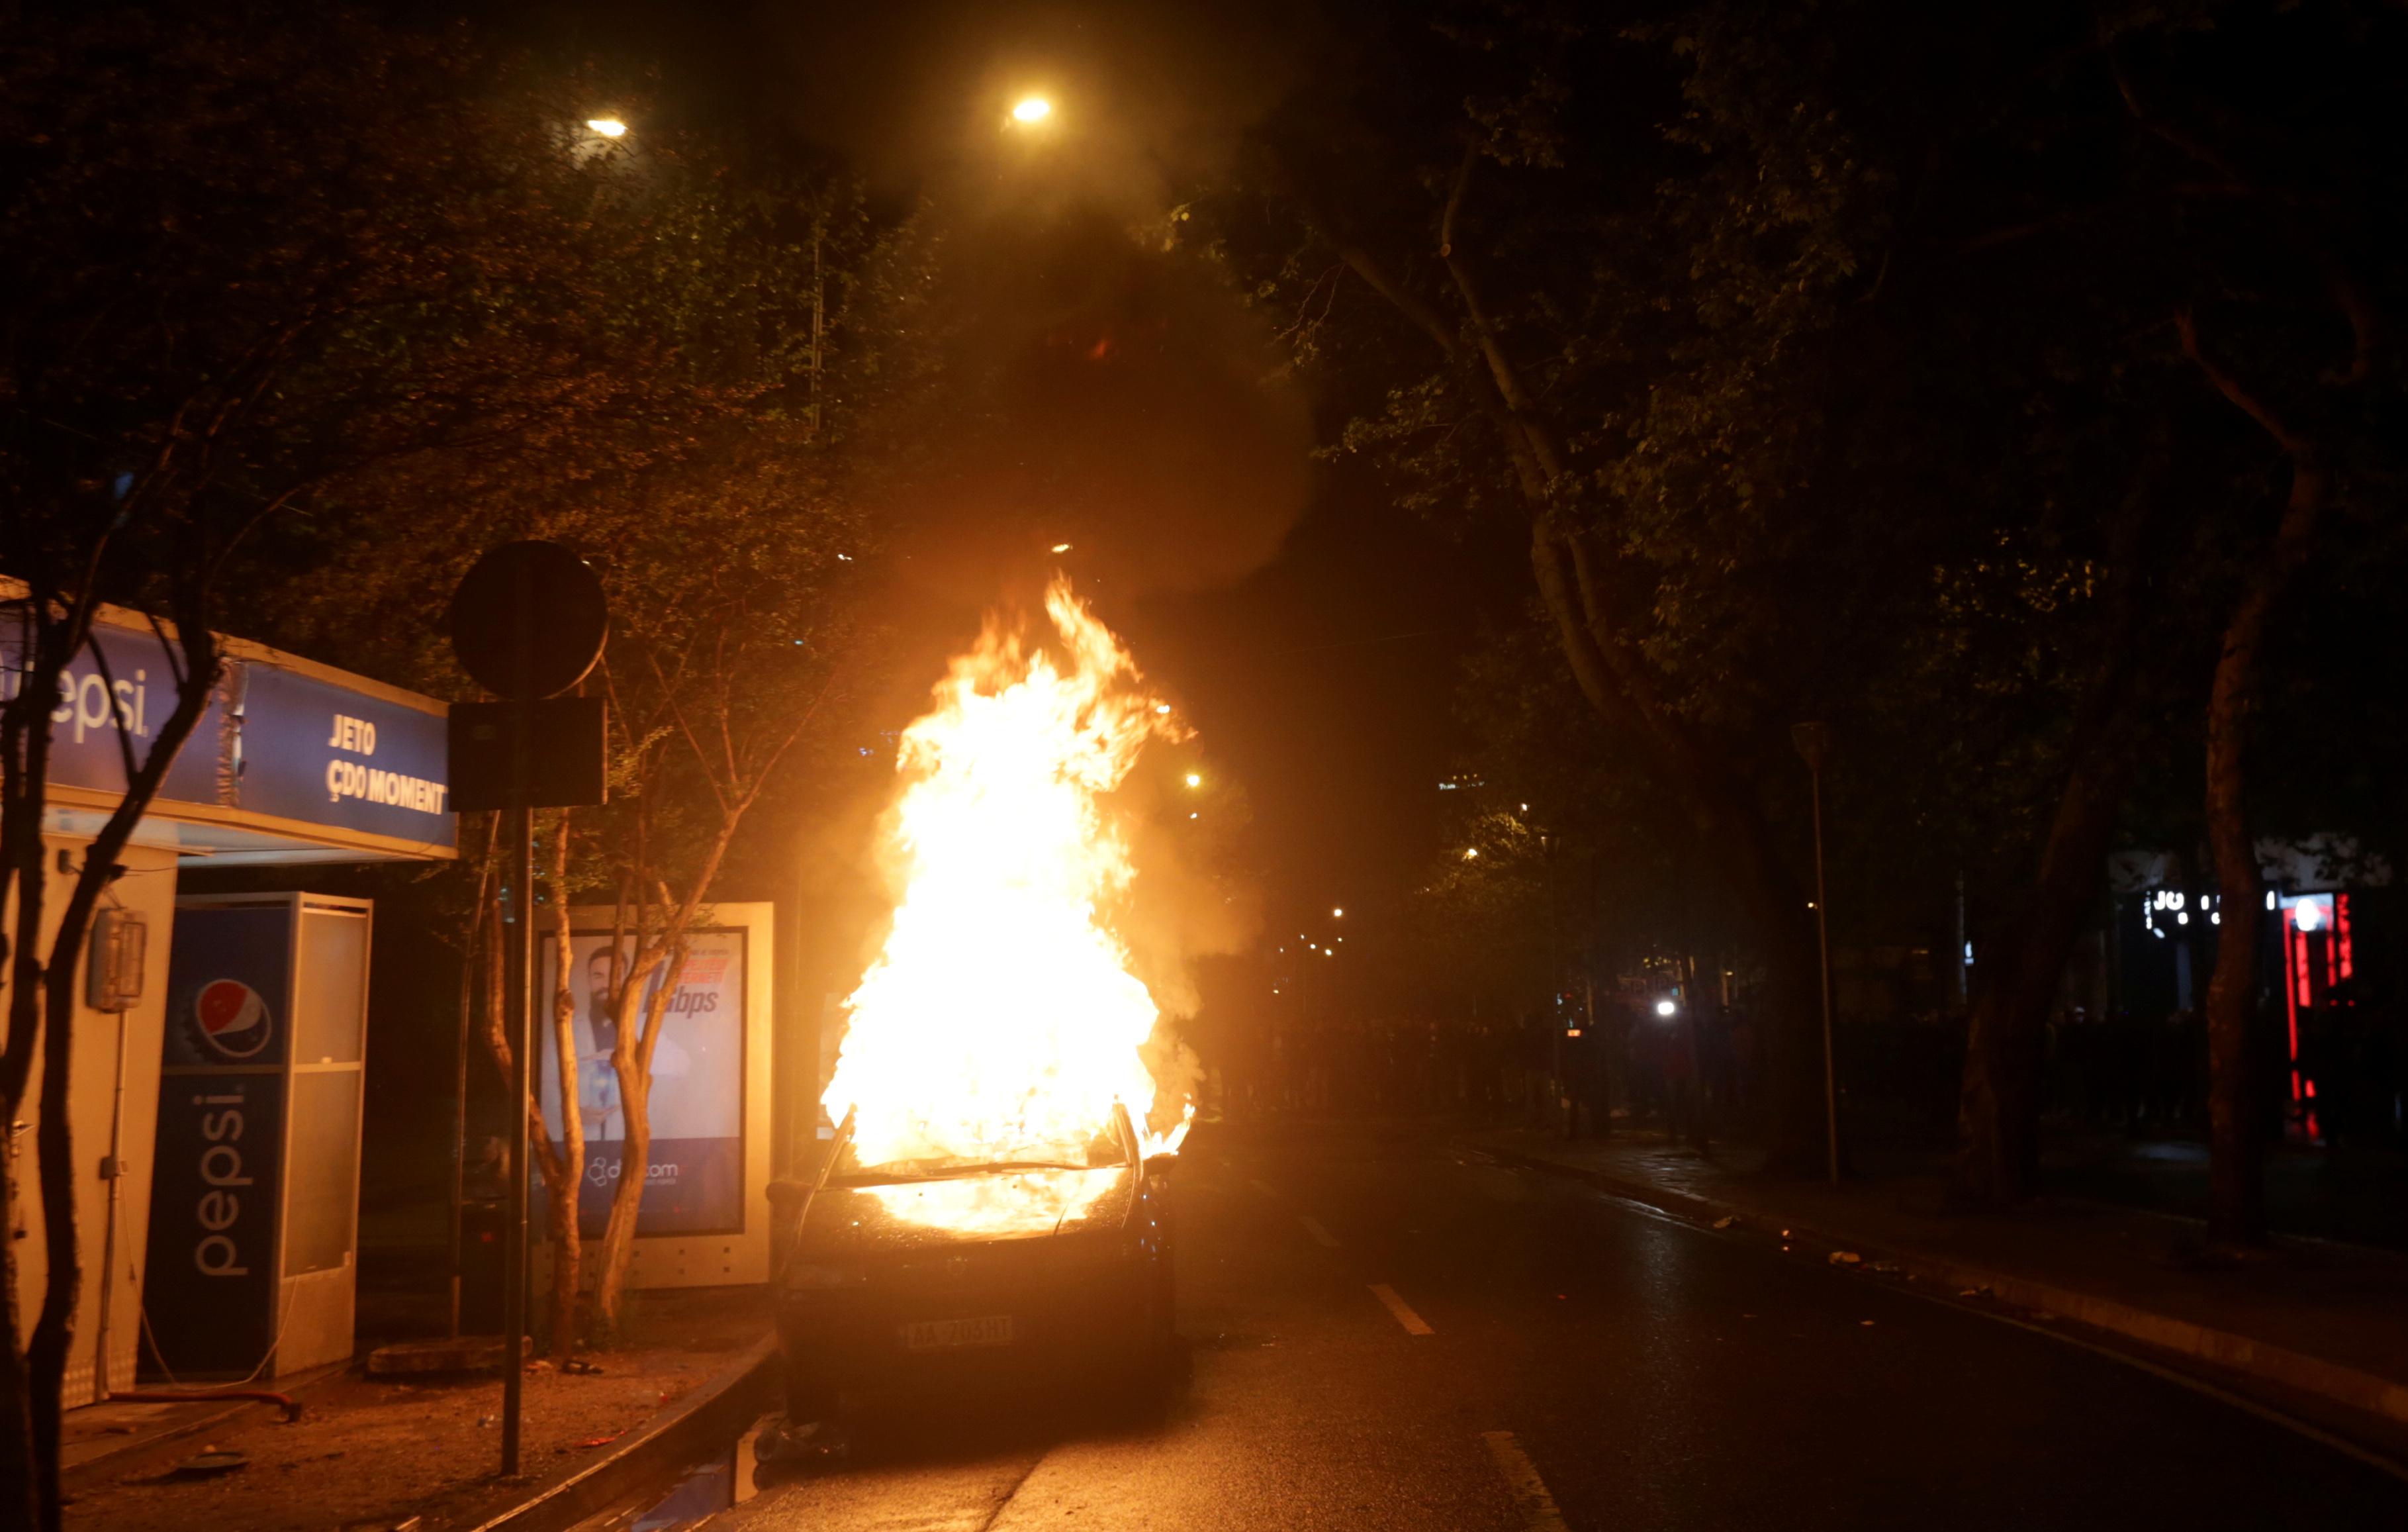 إحراق سيارة أثناء مظاهرة مناهضة للحكومة بالقرب من مبنى البرلمان في تيرانا (2)